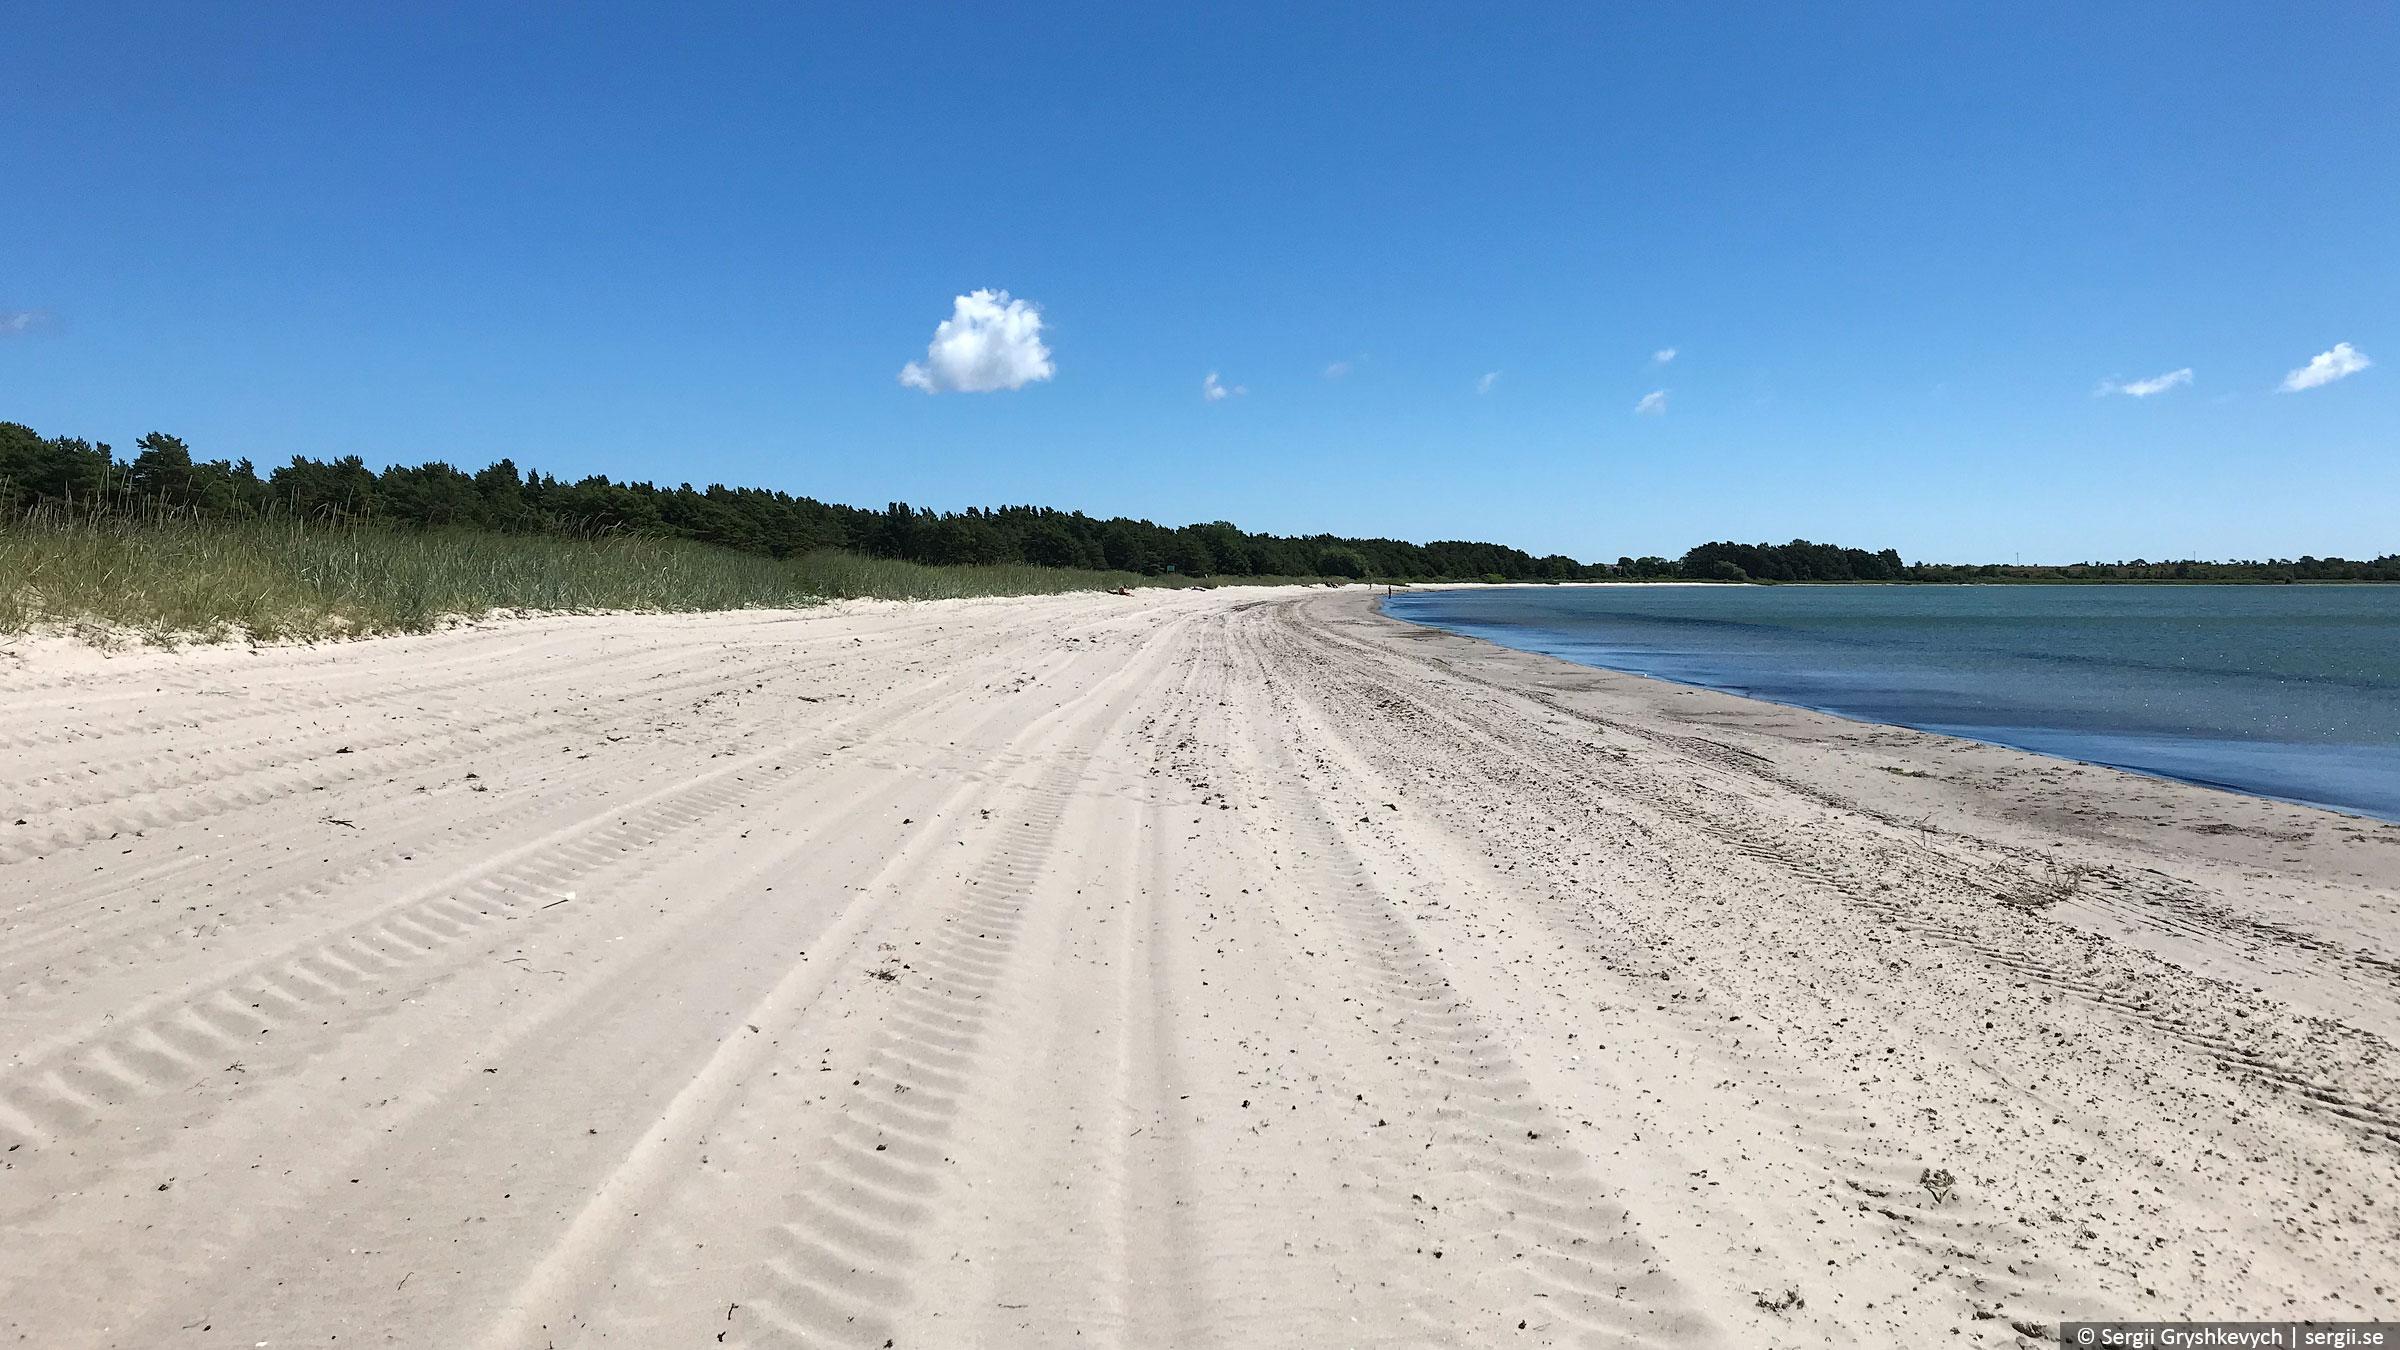 gotland-visby-sweden-2018-64